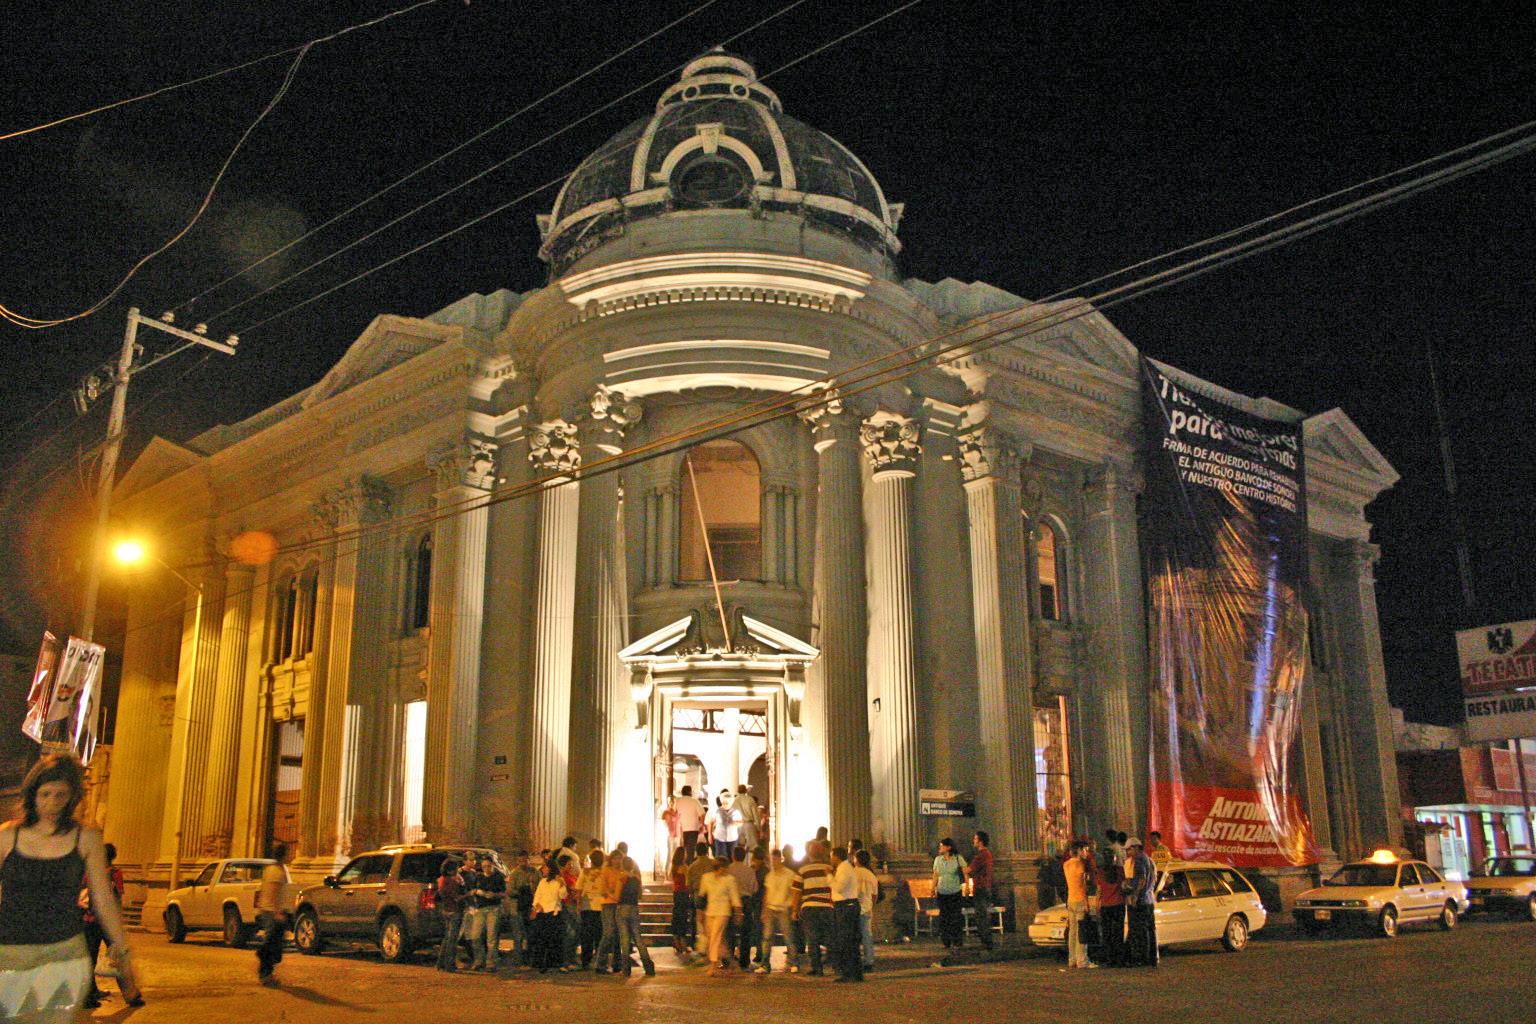 Banco_de_Sonora_guaymas_sonora_mexico